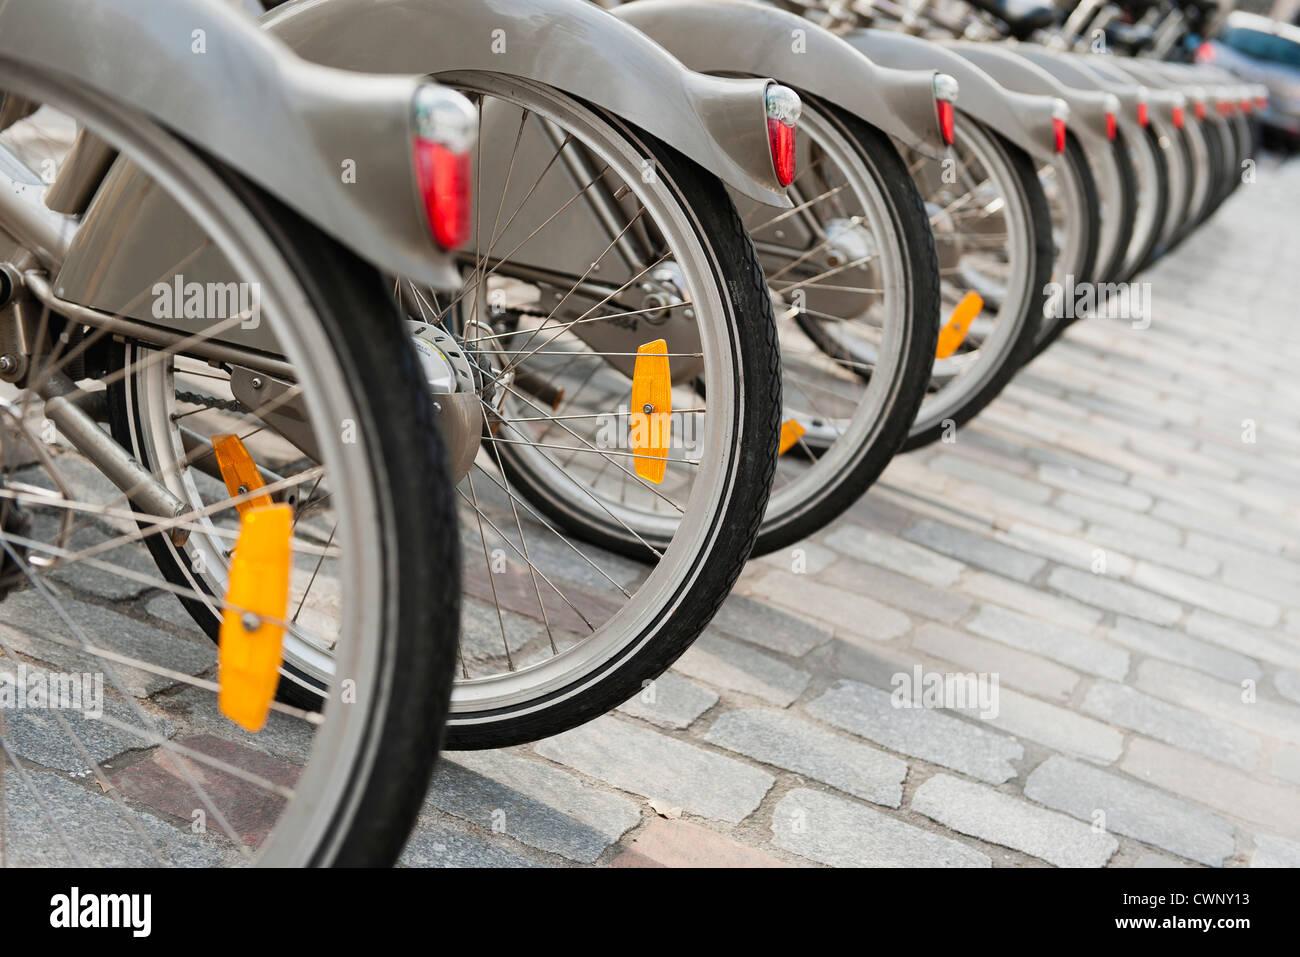 Fahrräder geparkt in einer Reihe, beschnitten Stockbild